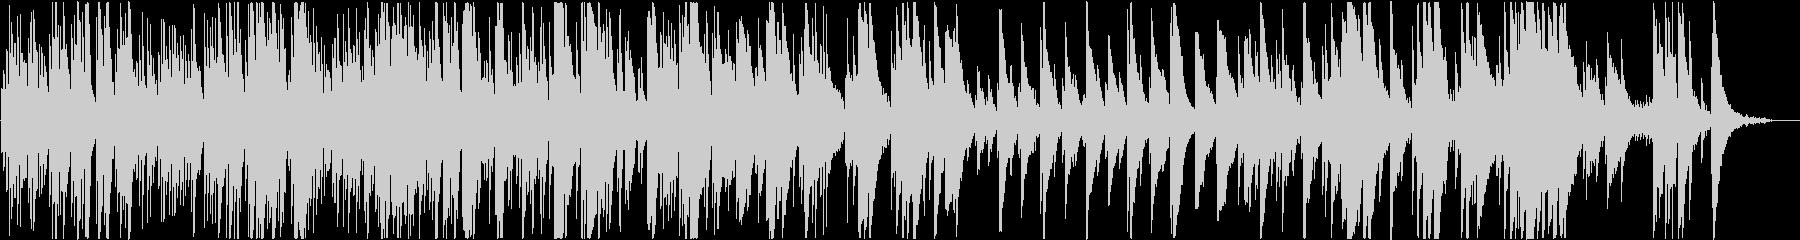 グノー「アヴェ・マリア」MusicBoxの未再生の波形